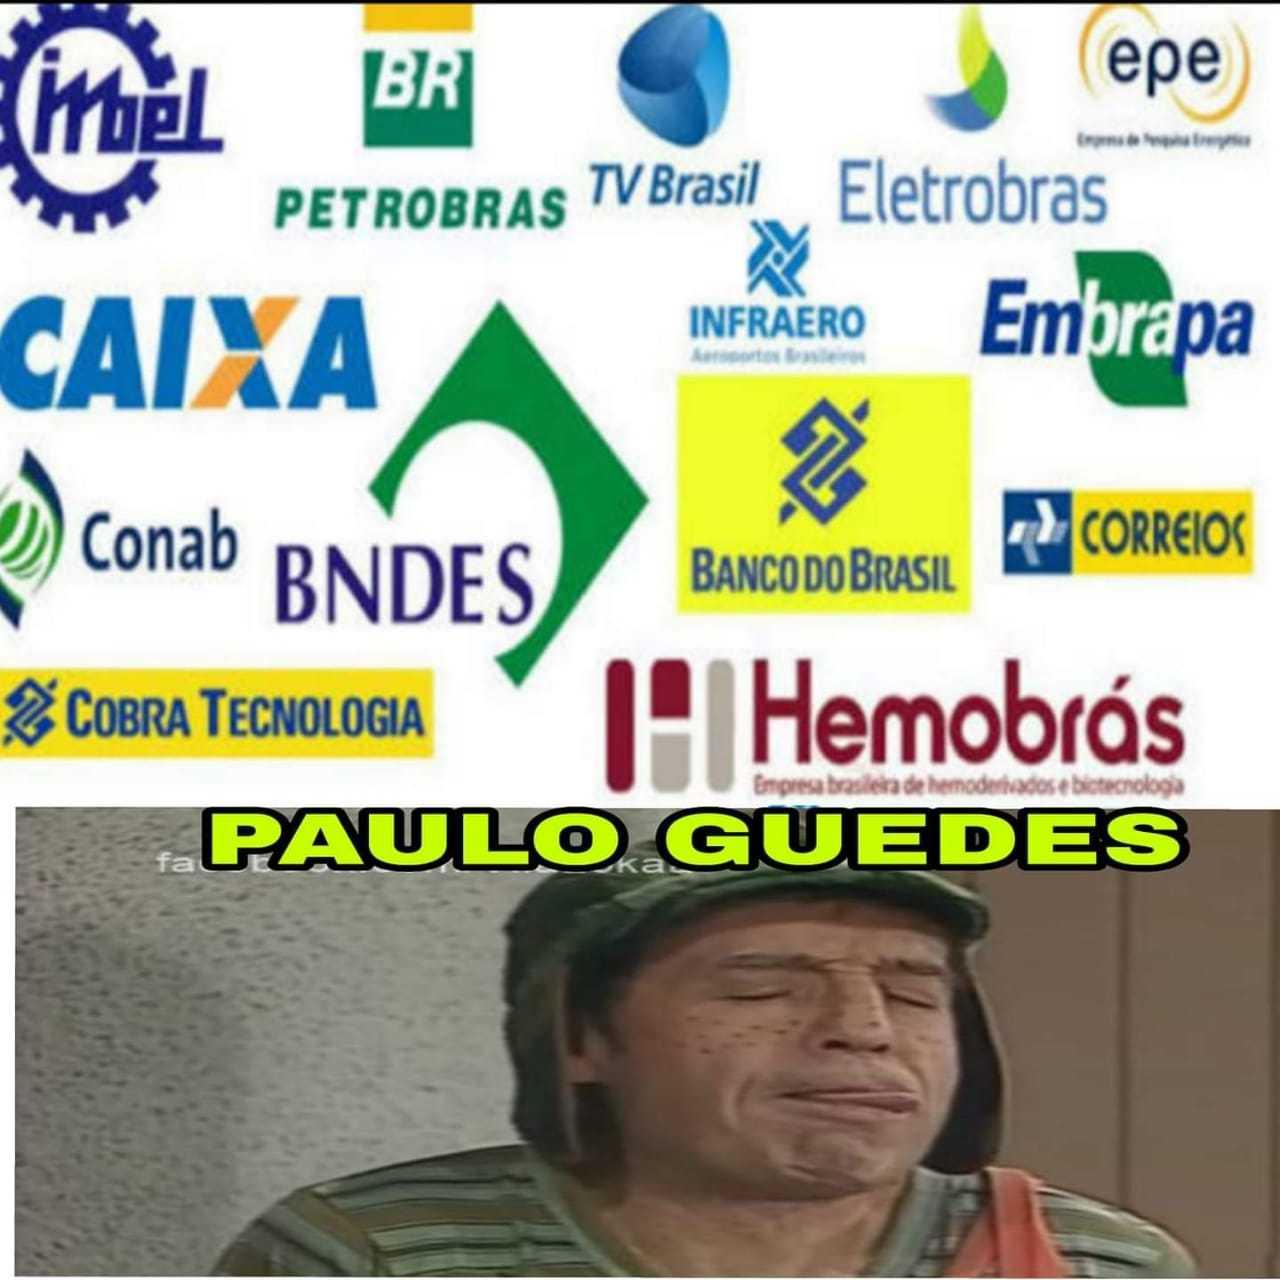 Privatizações! - meme